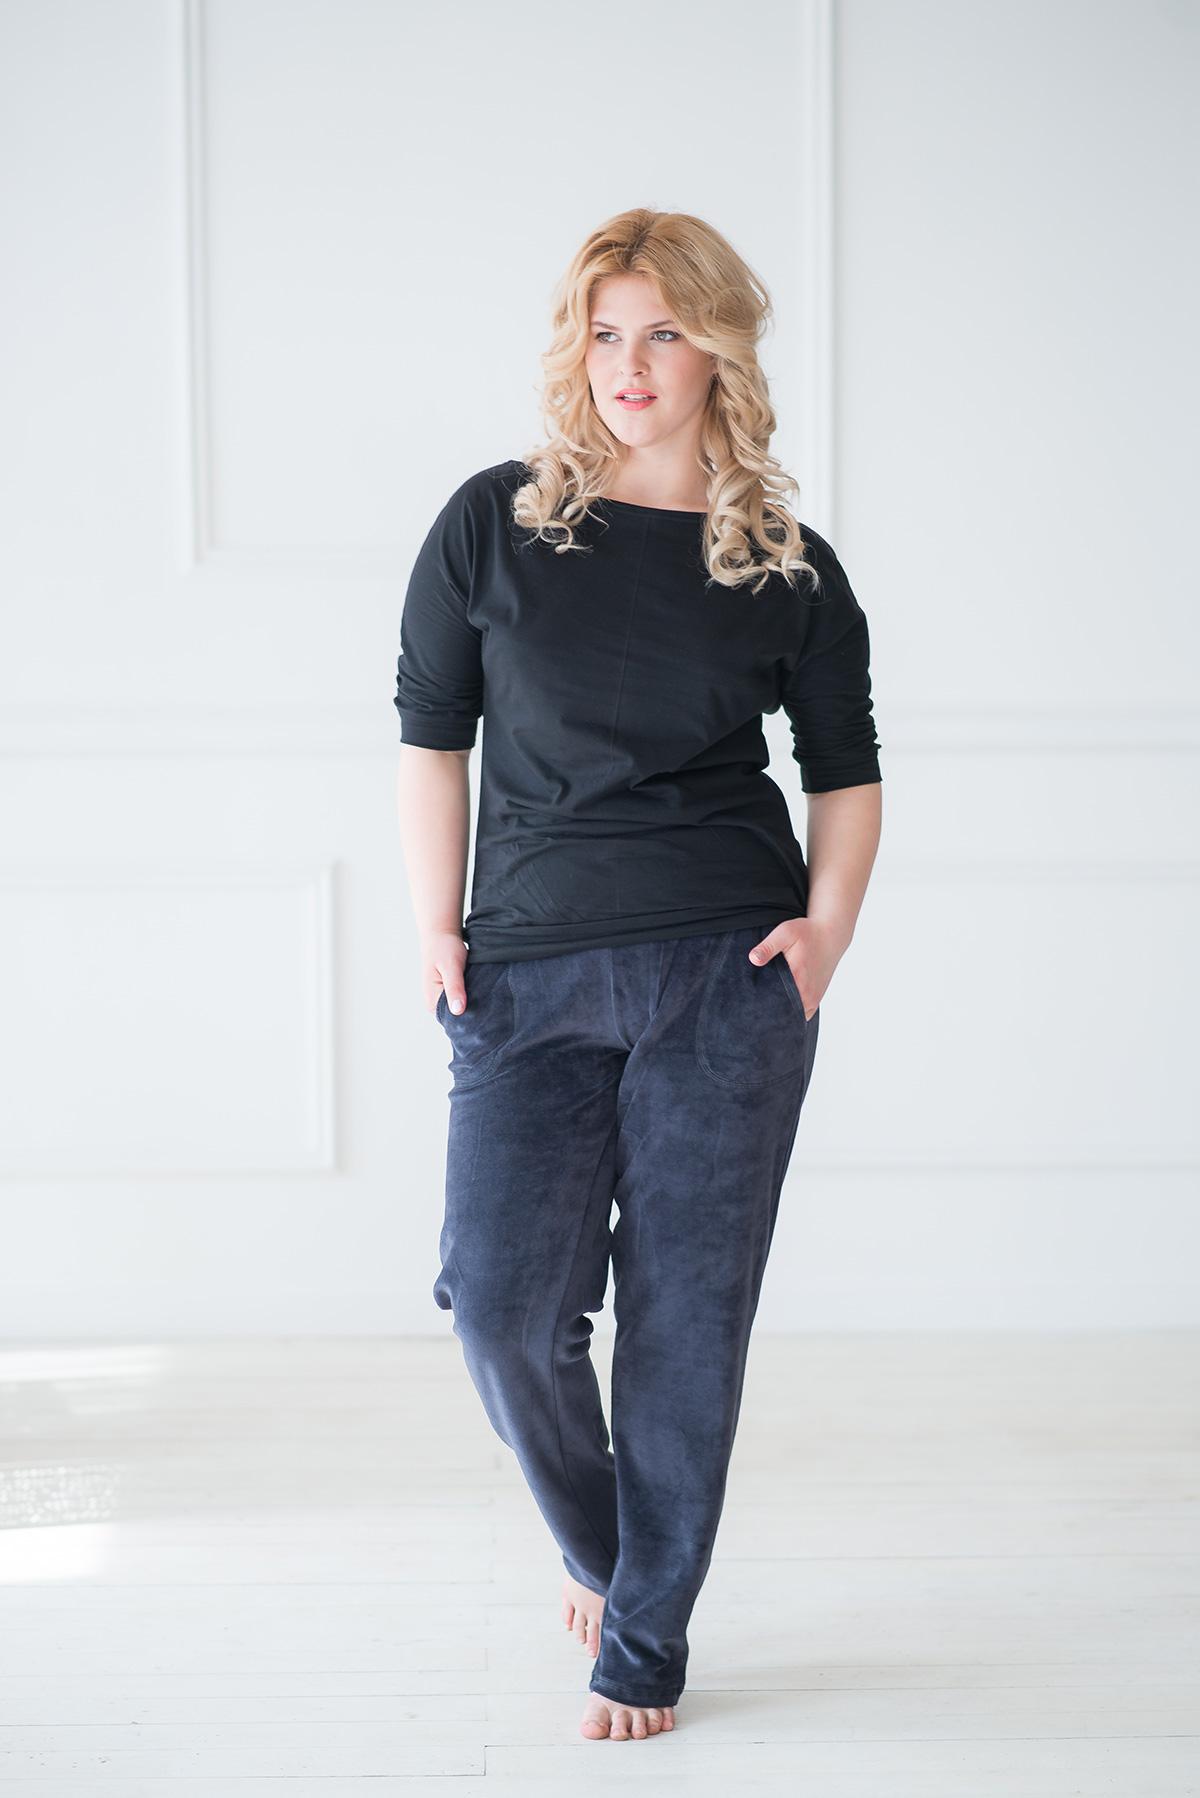 Жен. брюки арт. 19-0044 Темно-синий р. 46Брюки<br>Факт. ОТ: 72 см <br>Факт. ОБ: 90 см <br>Высота посадки: 24 см <br>Длина брючин по внут. шву: 78 см<br><br>Тип: Жен. брюки<br>Размер: 46<br>Материал: Велюр